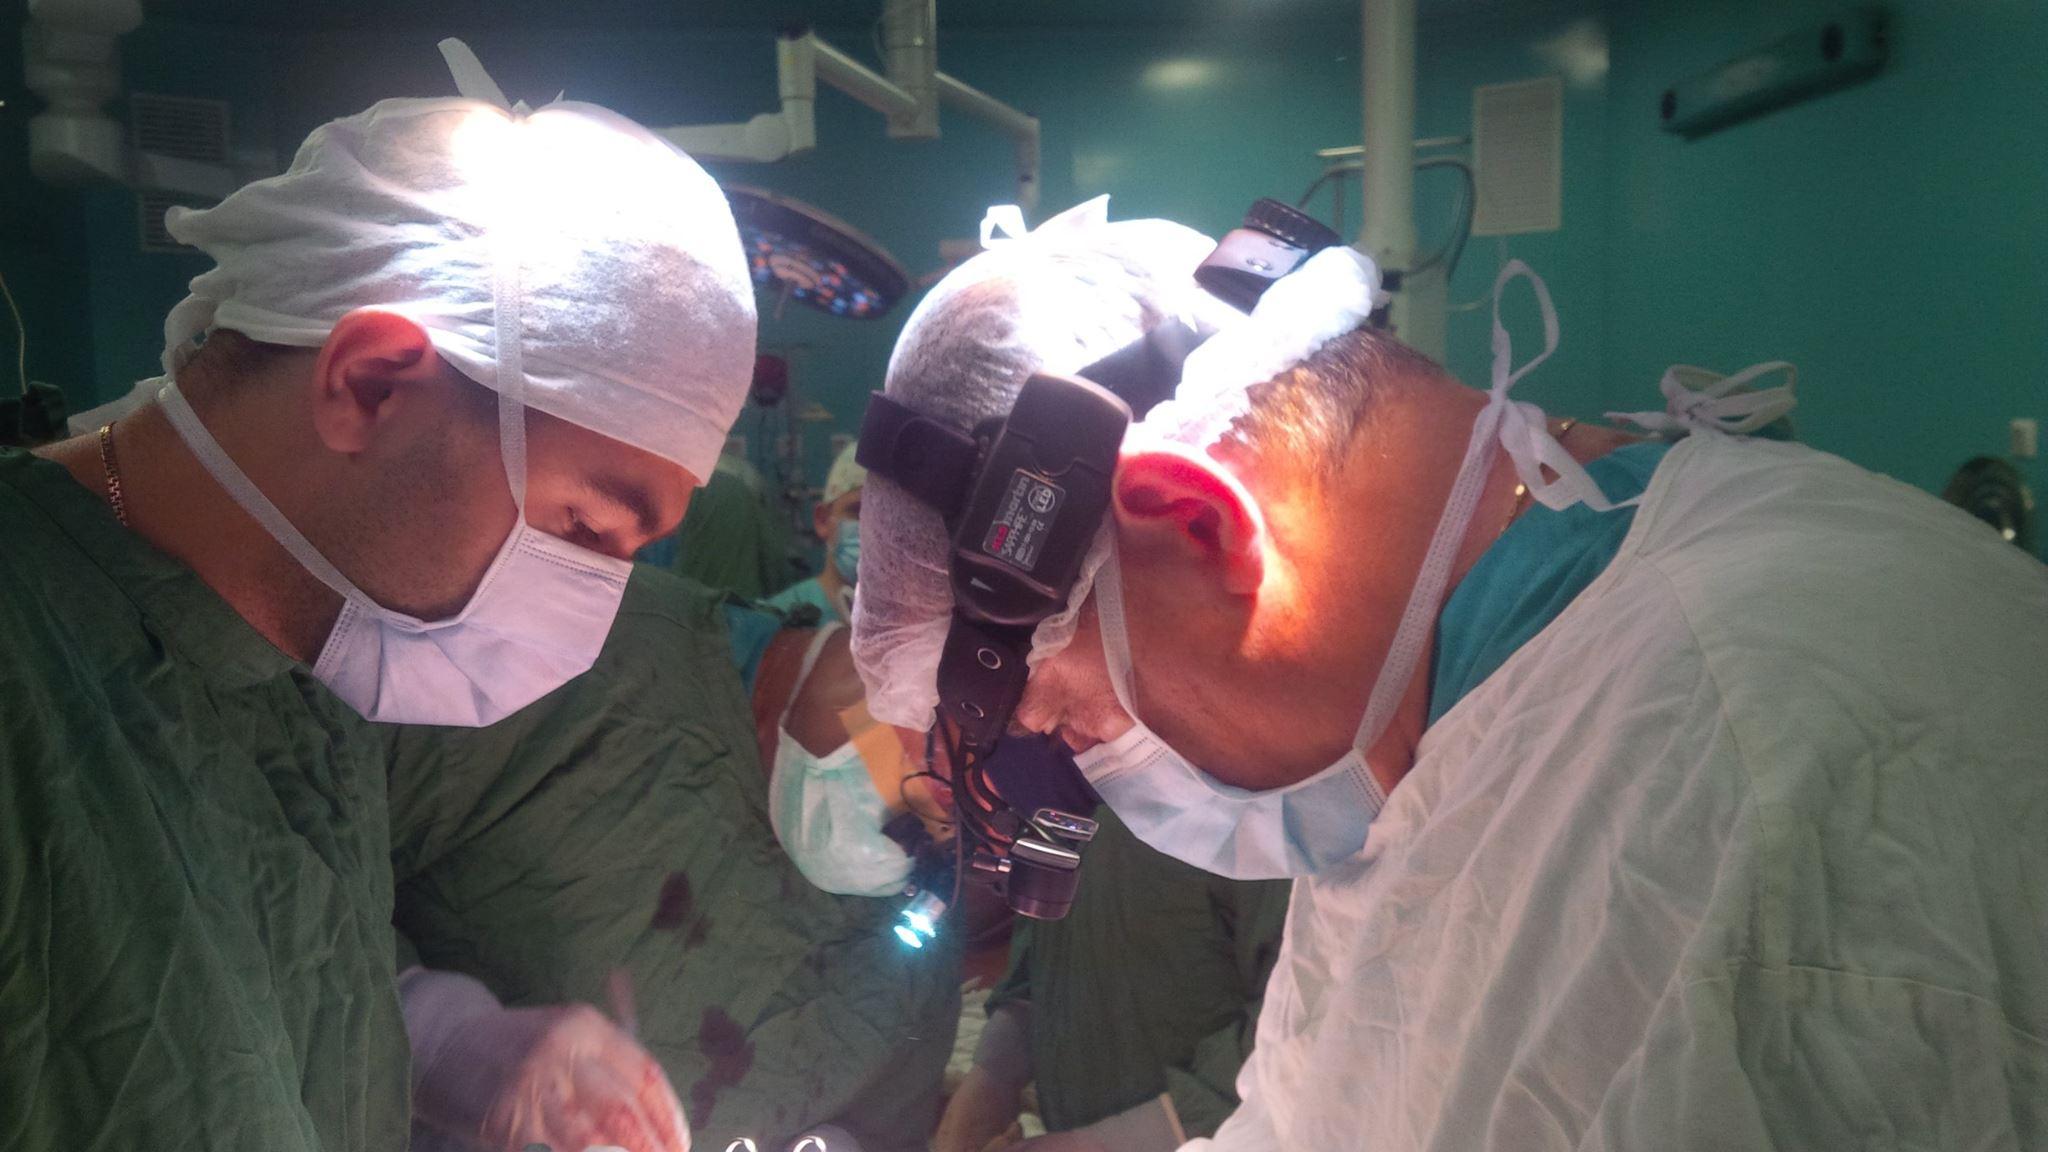 Українські лікарі зупинили серце бійця з осколком міни, щоб врятувати йому життя - фото 1